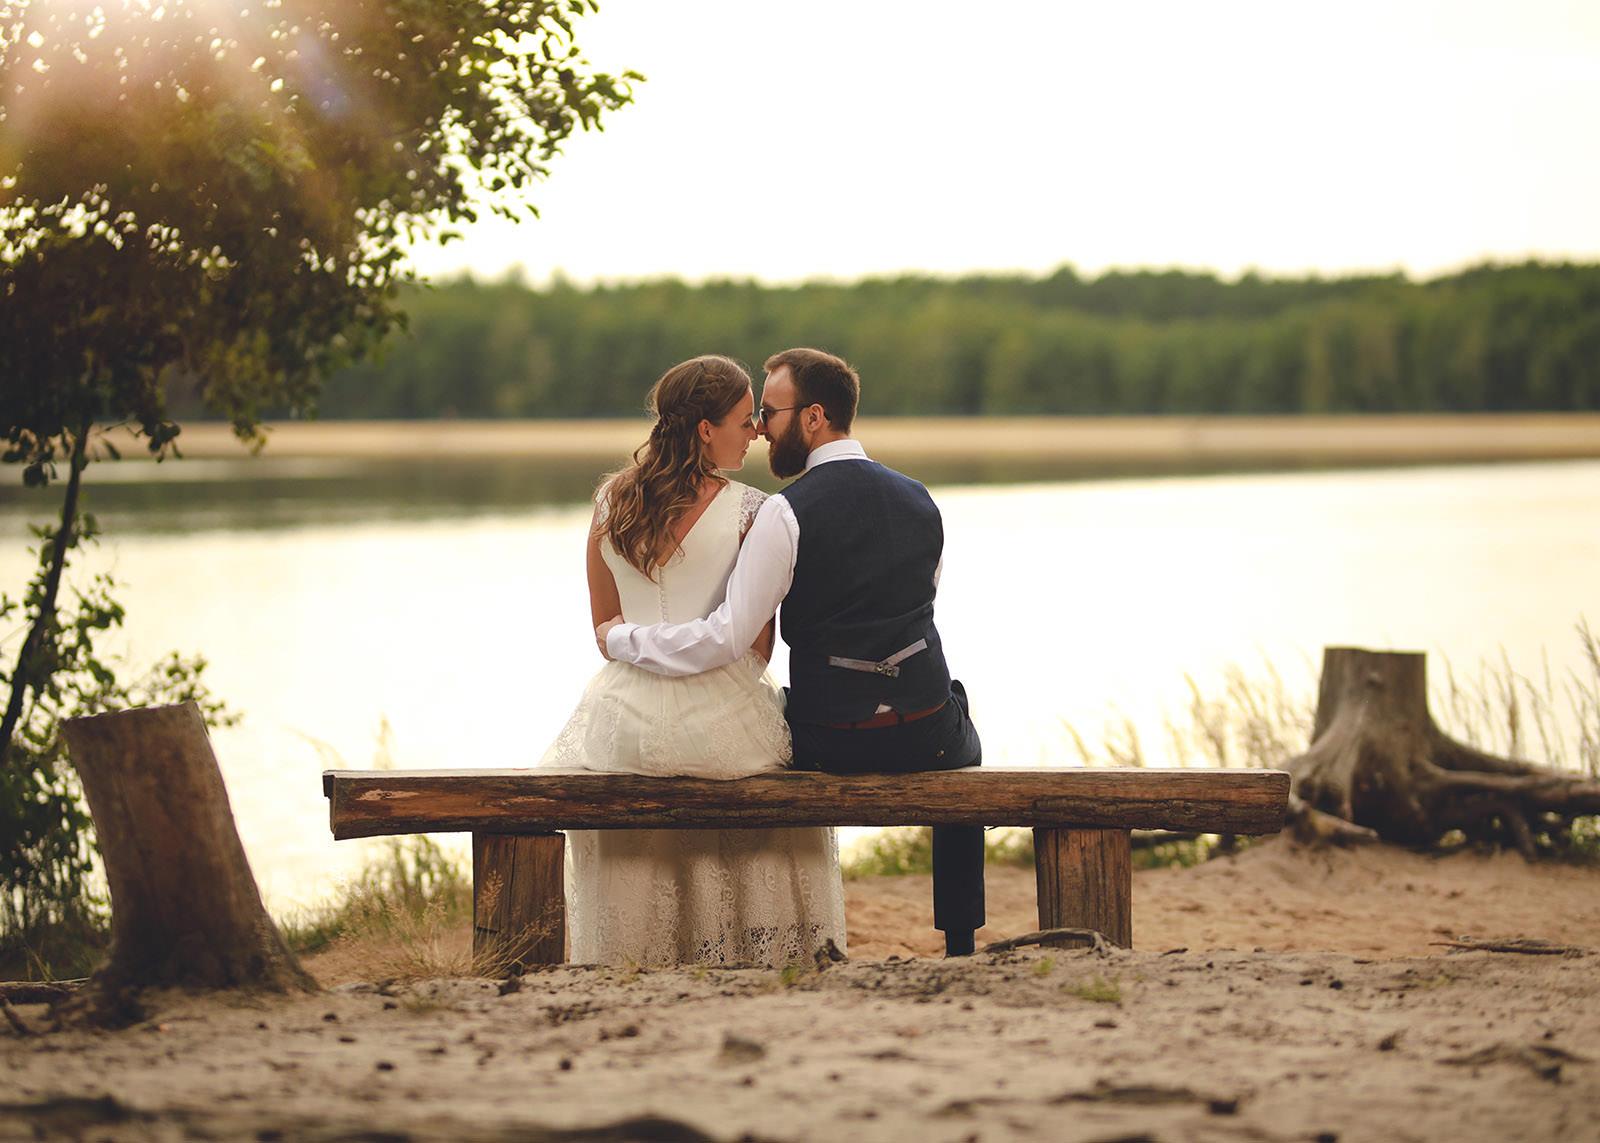 zakochani siedzą na ławce